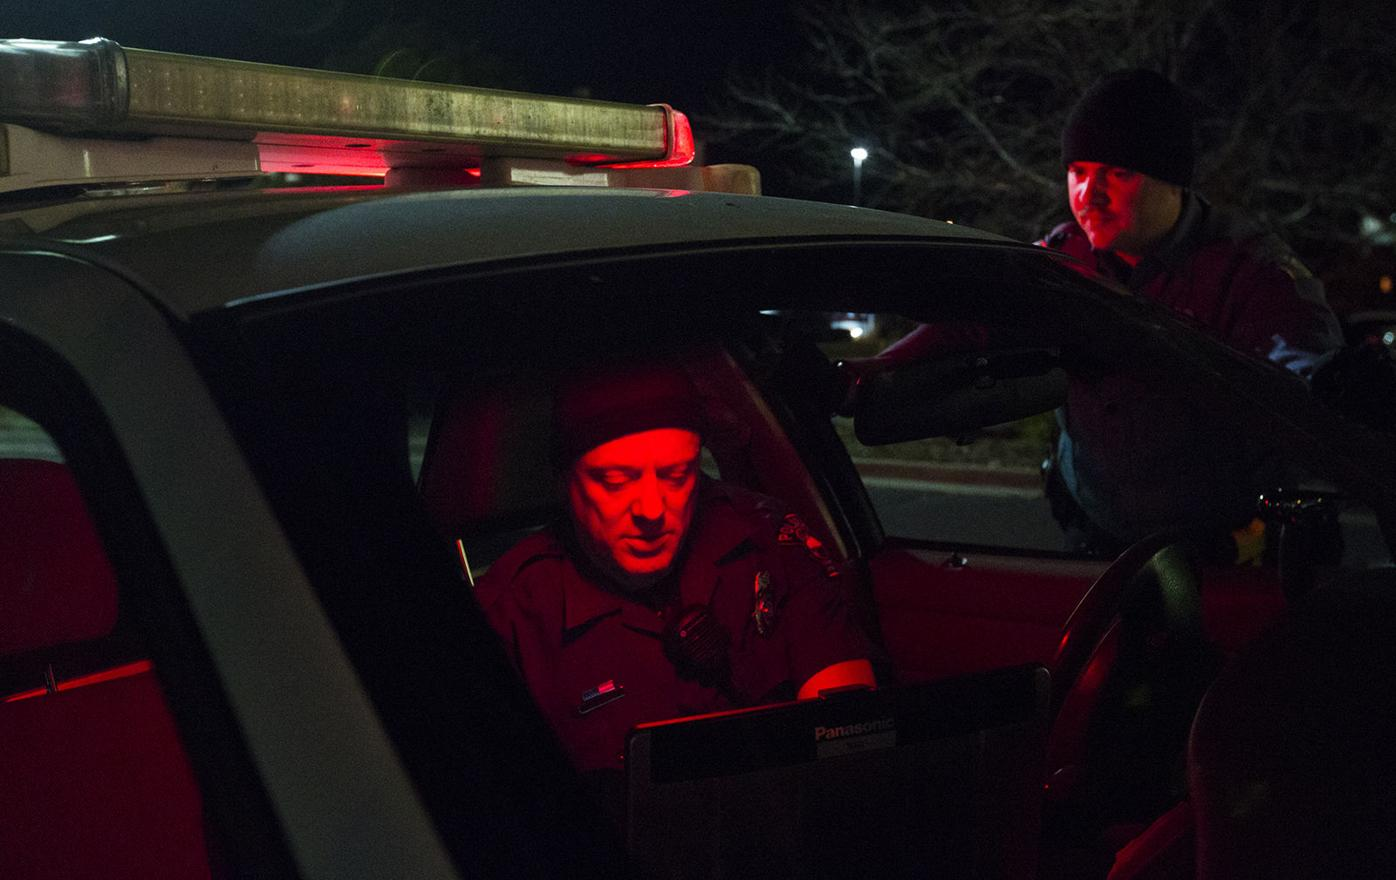 Part 4: Police Officer James Kuehn - car